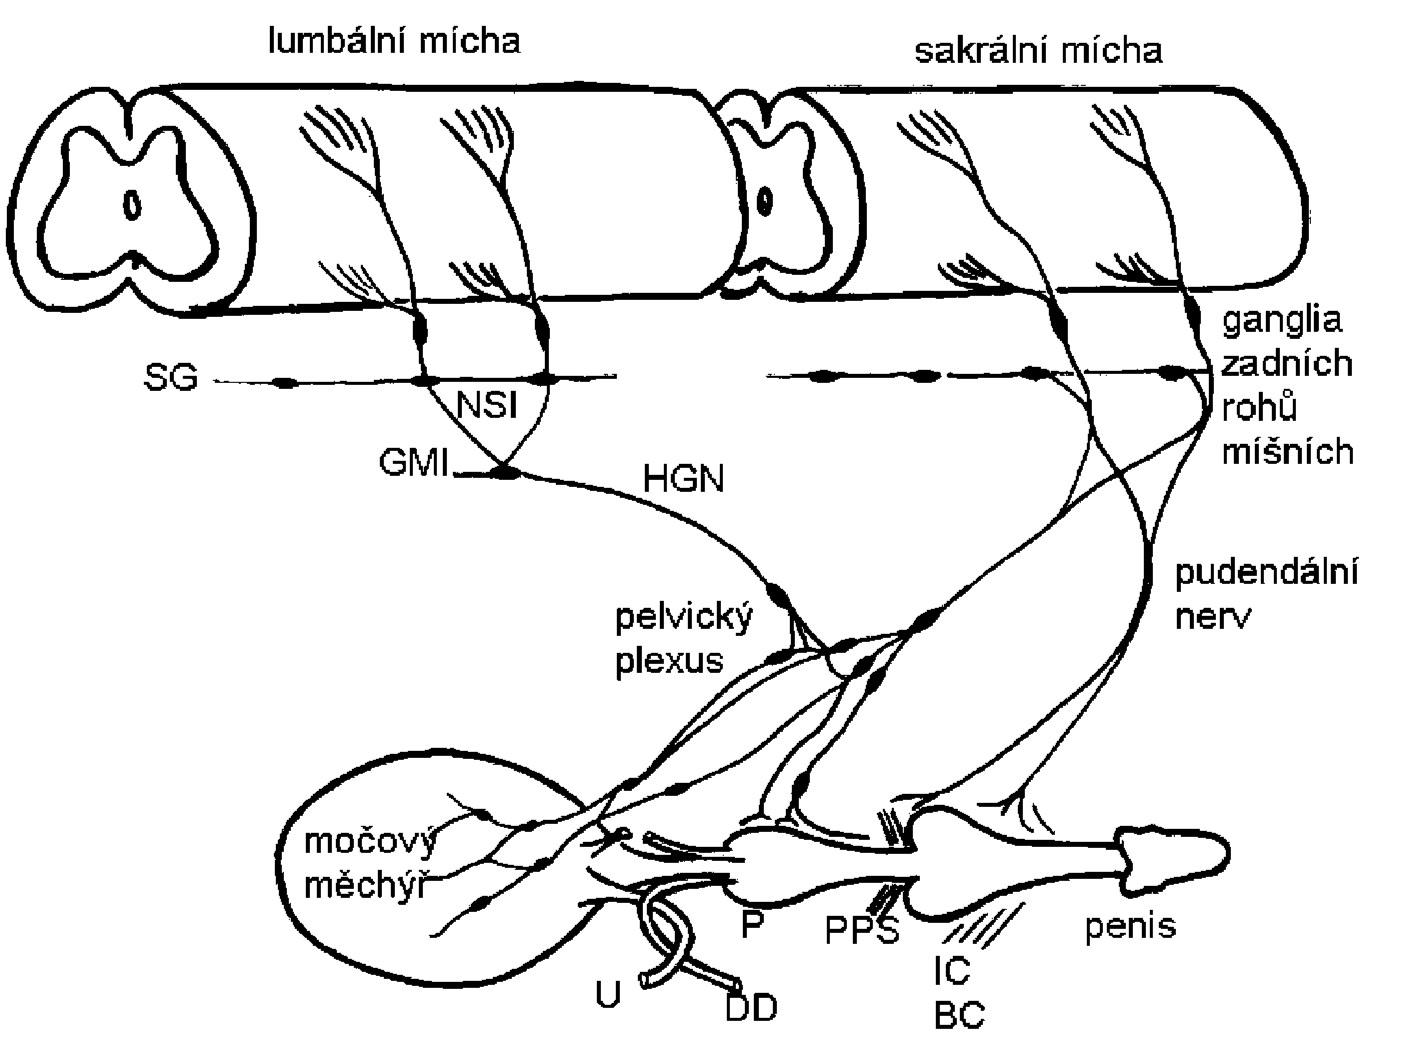 Schéma zobrazující sympatickou, parasympatickou a somatickou inervaci dolních močových cest (4) Sympatická preganglionární vlákna vycházejí z lumbální míchy a procházejí řetězcem sympatických ganglii (SG) a dále přes nervus splanchnicus inferior (NSI) k dolnímu mesenterickému gangliu (GMI). Preganglionární a postganglionární sympatické axony poté vstupují cestou hypogastrického nervu (HGN) do pelvického plexu a urogenitálních orgánů.  Parasympatické preganglionární axony vycházející ze sakrální míchy probíhají pelvickým nervem do ganglionárních buněk pelvického plexu nebo distálních orgánových ganglií. Sakrální somatická vlákna procházejí pudendálním nervem, který inervuje penis a musculus ischiocavernosus (IC), bulbocavernosus (BC) a příčně pruhovaný svěrač (PPS). Do pudendálního a pelvického nervu vedou také postganglionární axony z kaudálních sympatických ganglií. Zkratky: ureter (U), prostata (P), ductus deferens (DD).